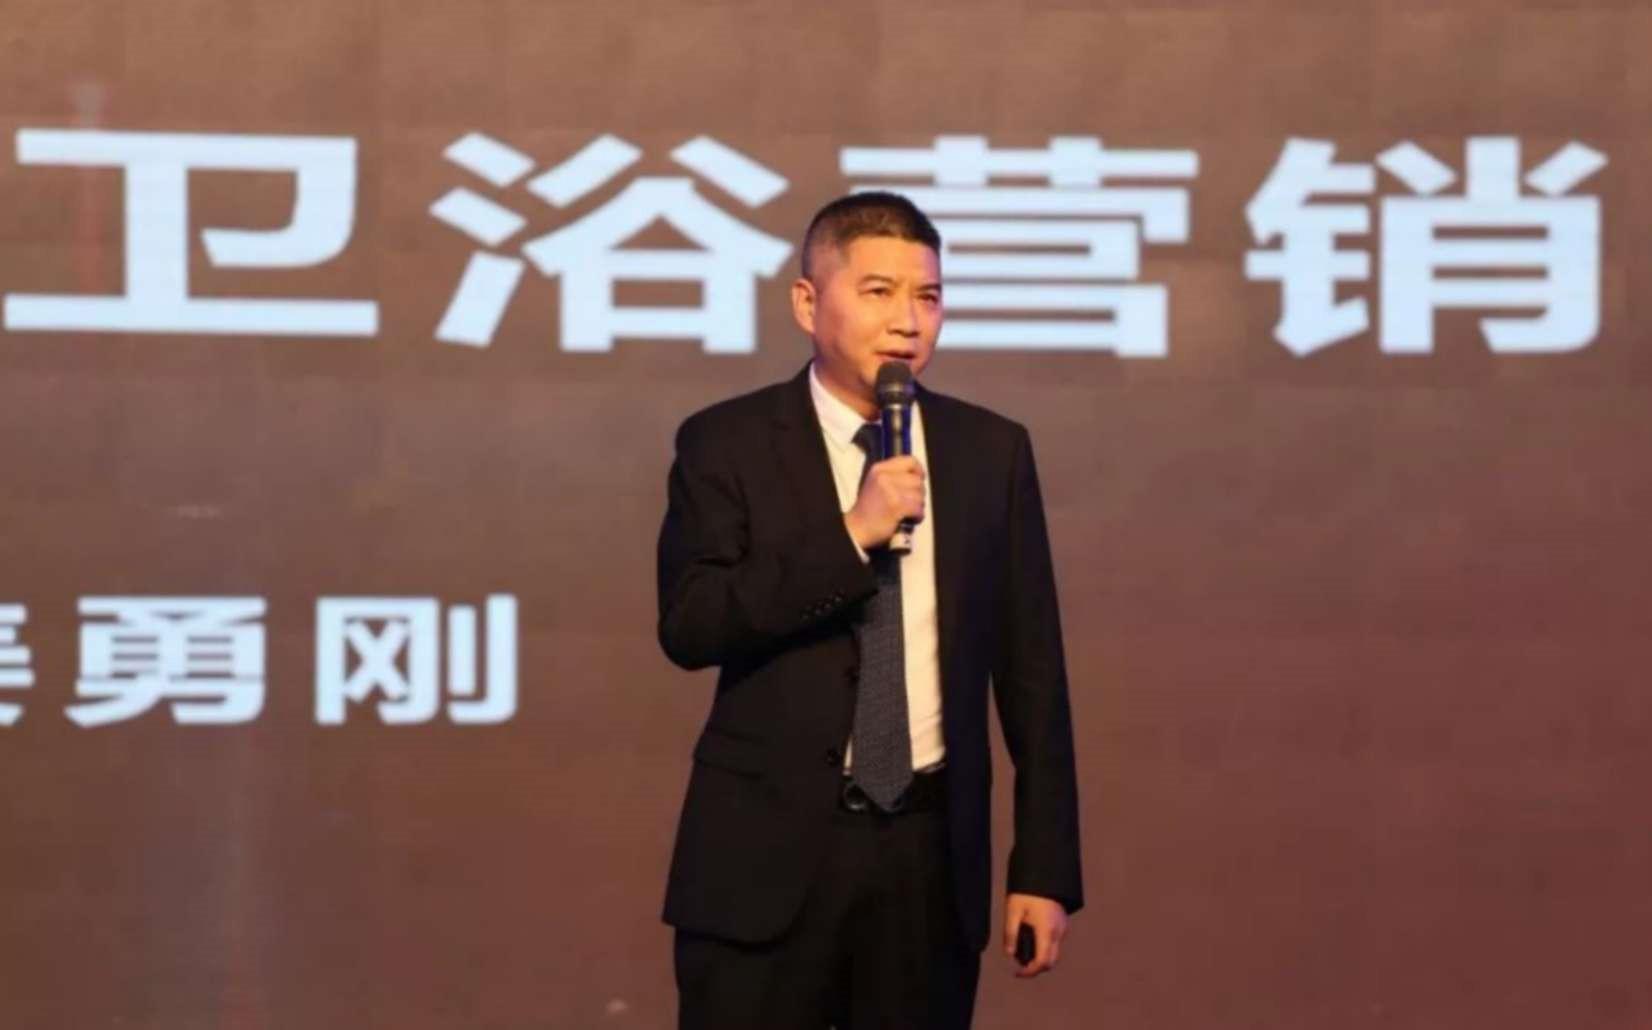 歐路莎衛浴姜勇剛:疫情讓大眾更注重健康,上海展可能是個爆發點